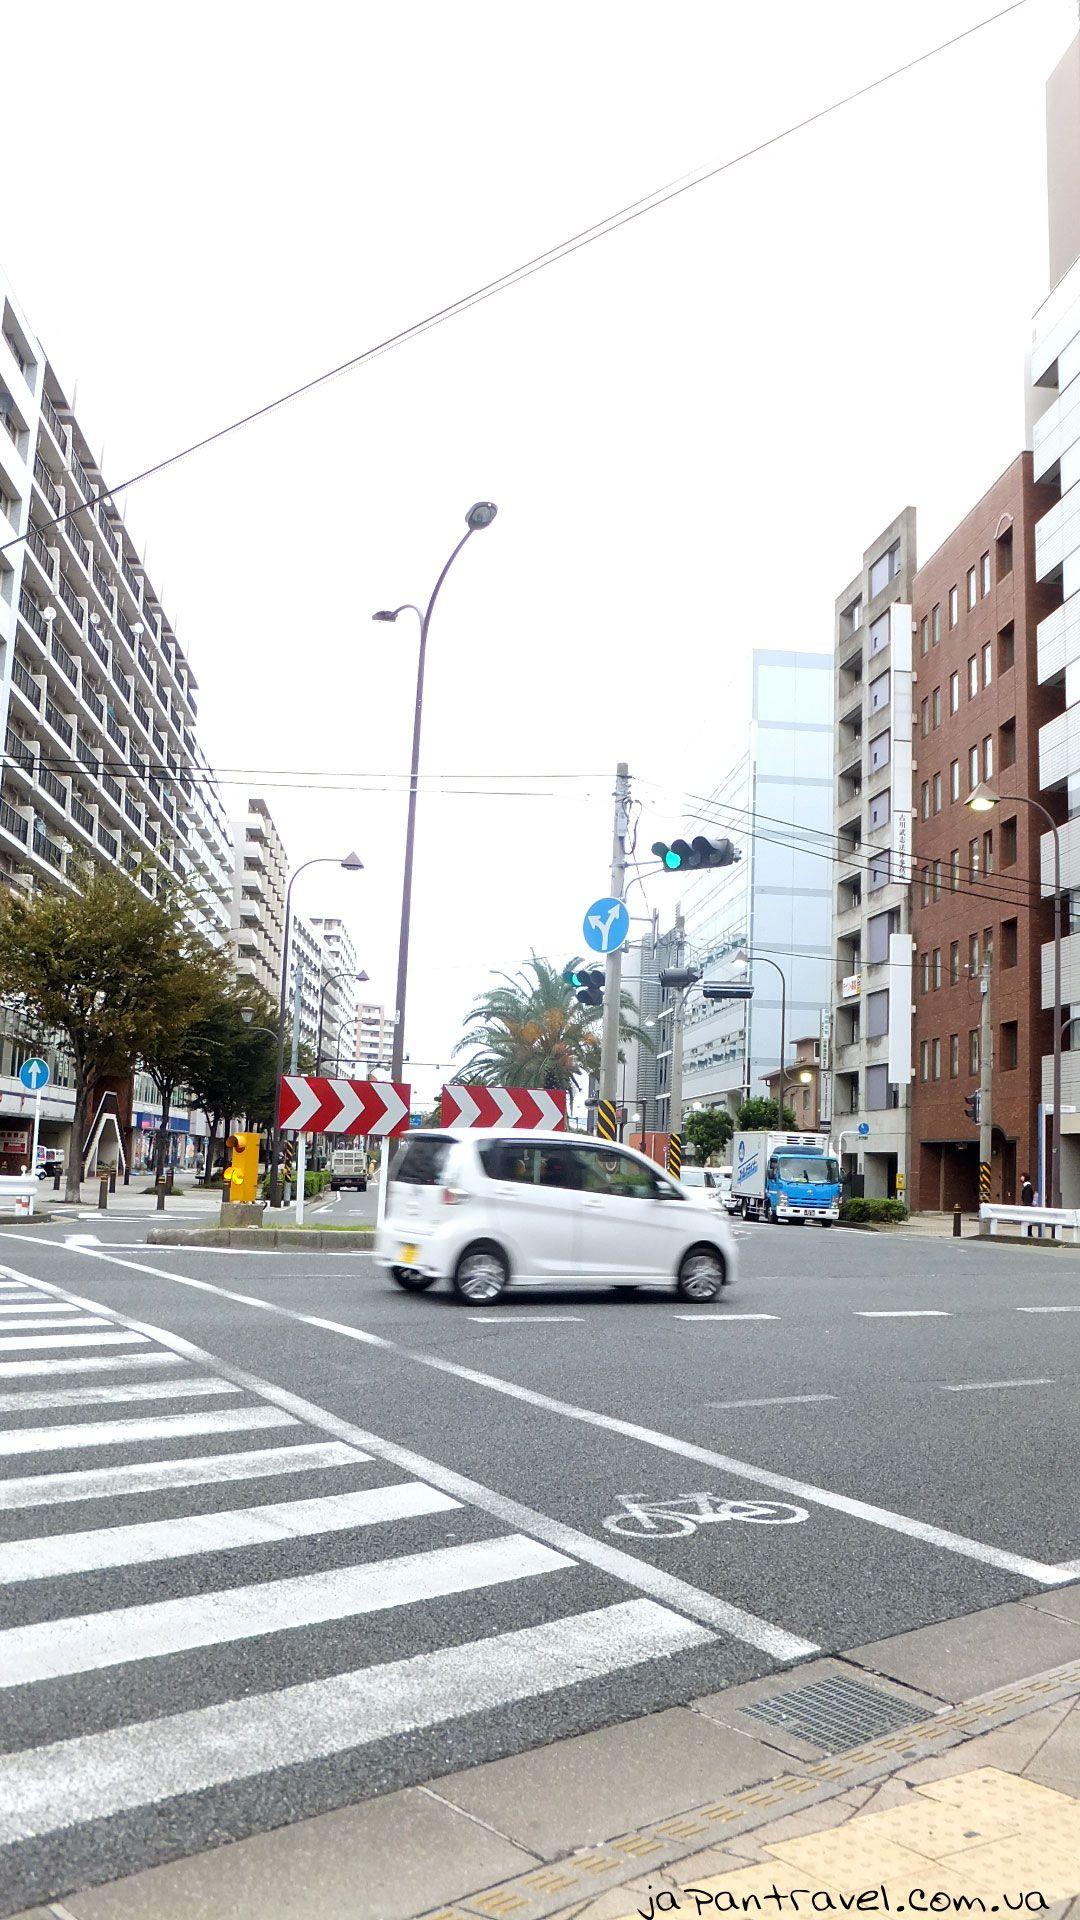 Зручна велодоріжка, паралельна з пішохідним переходом